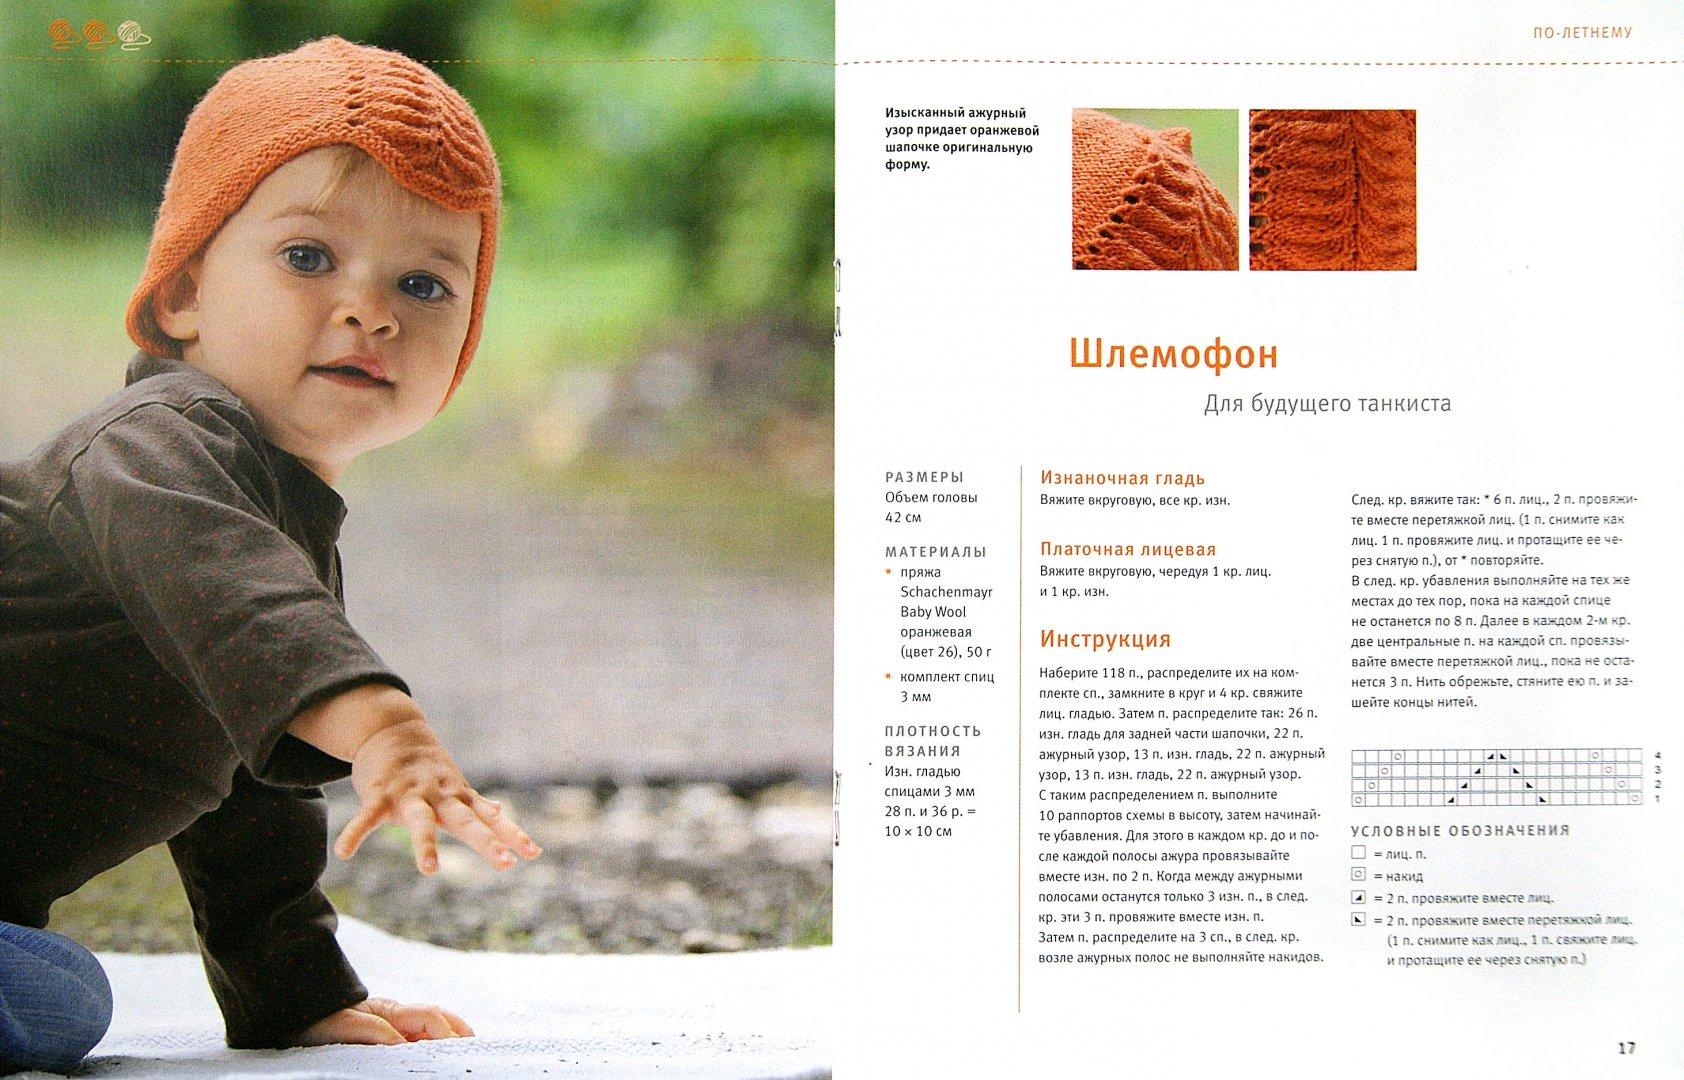 Иллюстрация 1 из 5 для Вяжем детские шапочки. Мода для малышей - Хельга Шпиц | Лабиринт - книги. Источник: Лабиринт